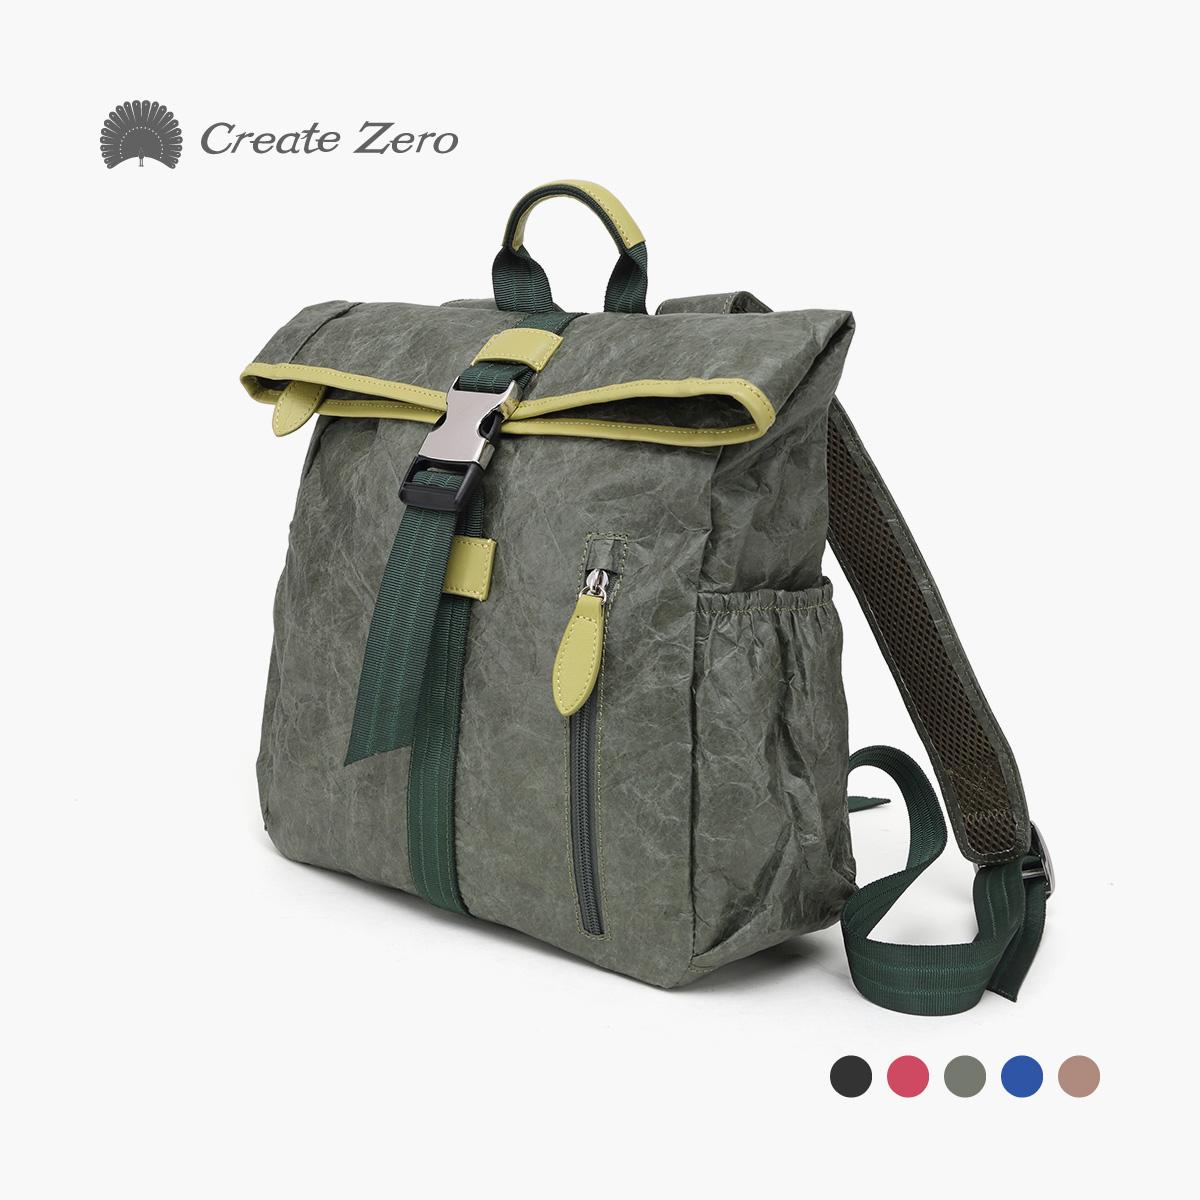 クリスマス デイバッグ メンズ レディース タイベック製 シワ加工 おしゃれ 選べる5色 本革 折りたたみ オシャレ リュック 鞄 カバン バッグ 収納 Create-zero @82253